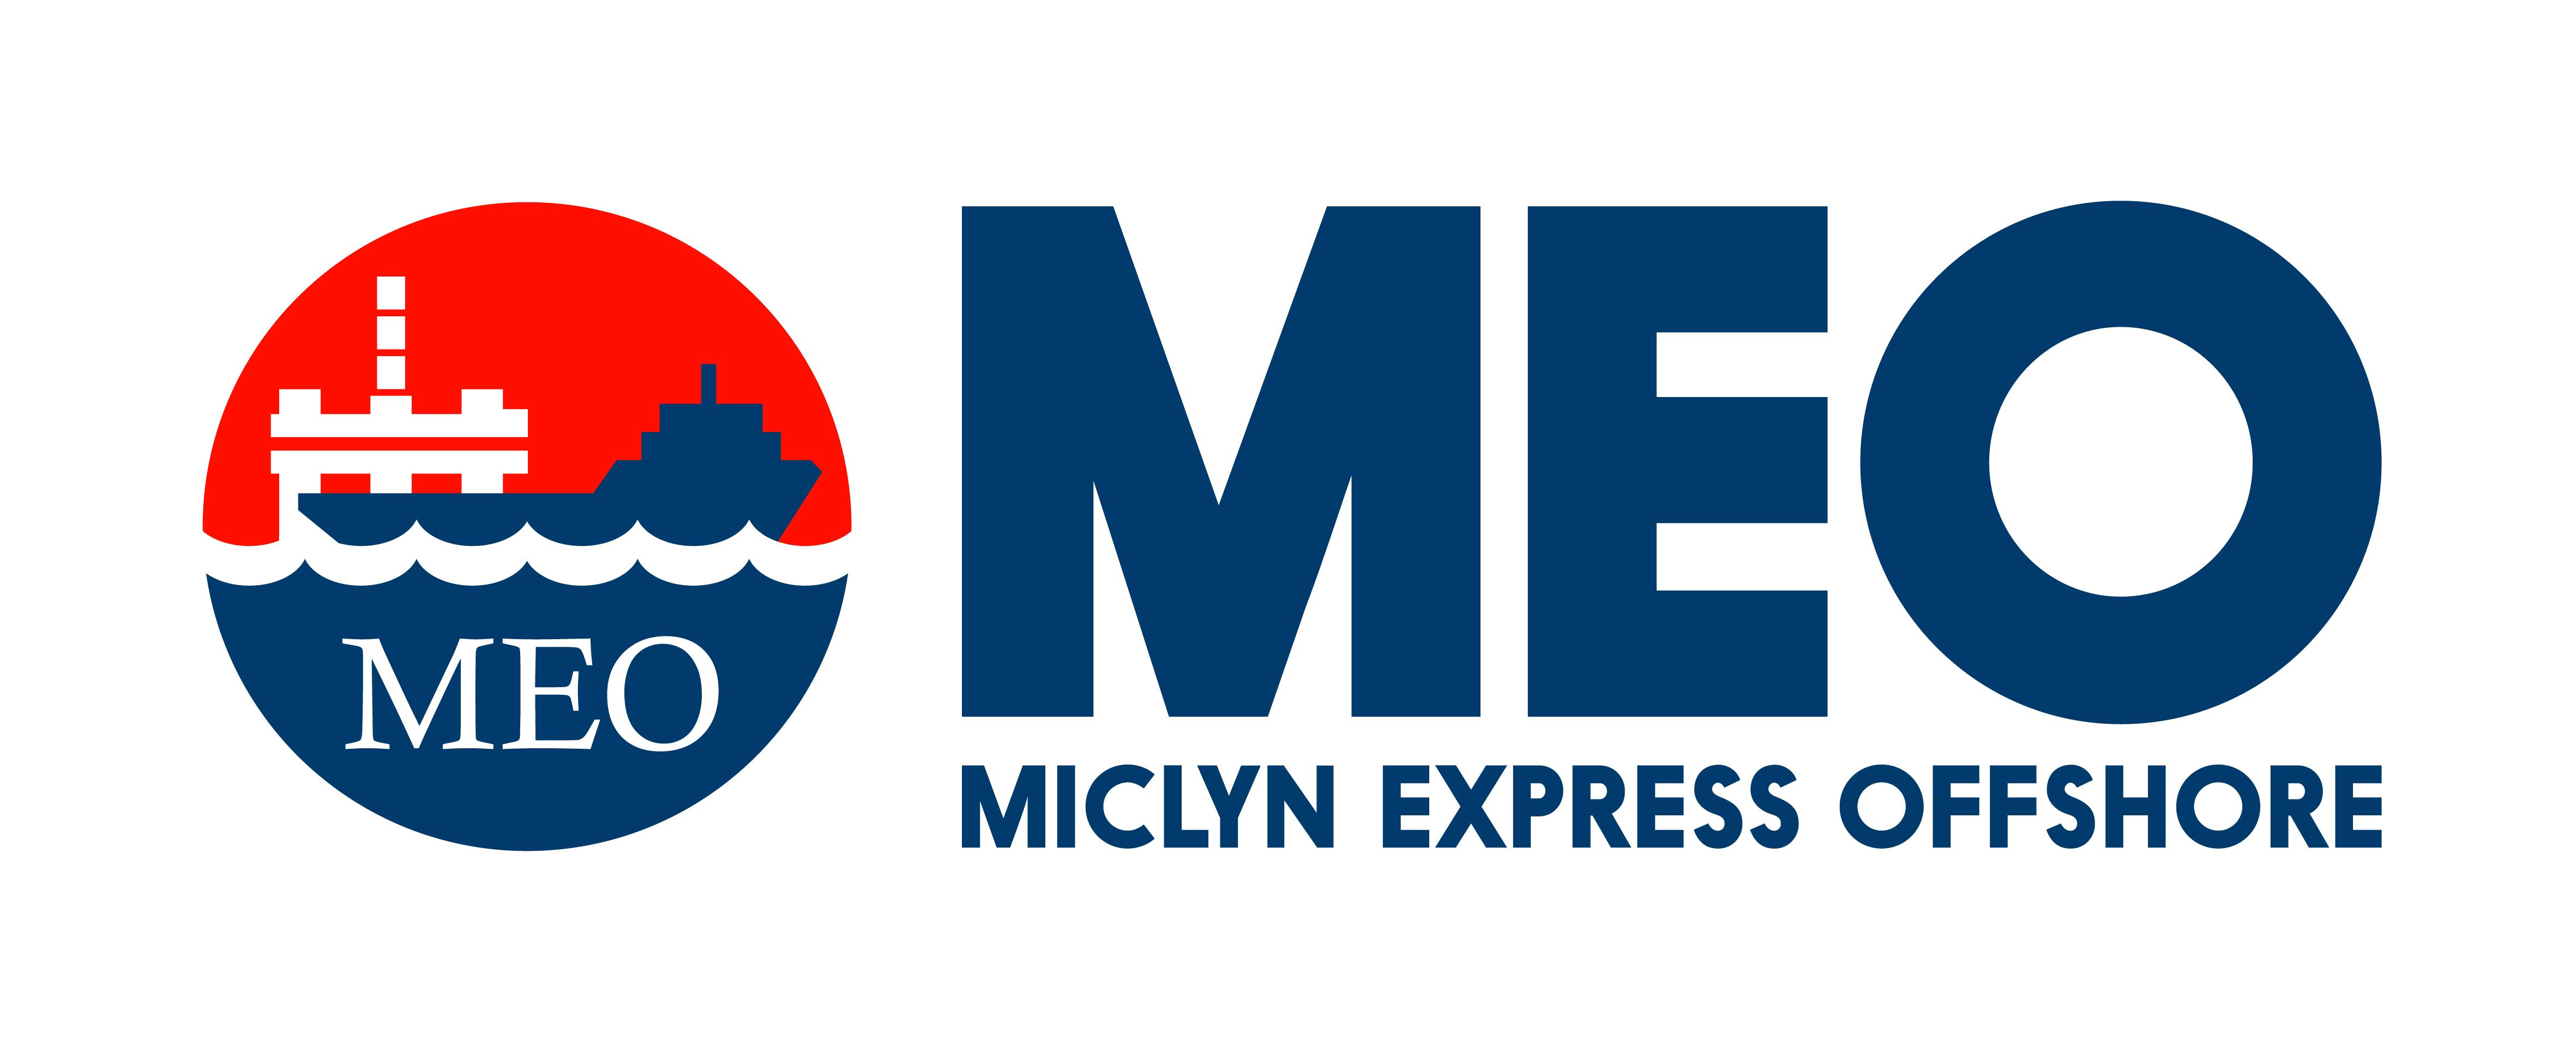 MEO Team Building 2015 Registration, Singapore - EventNook